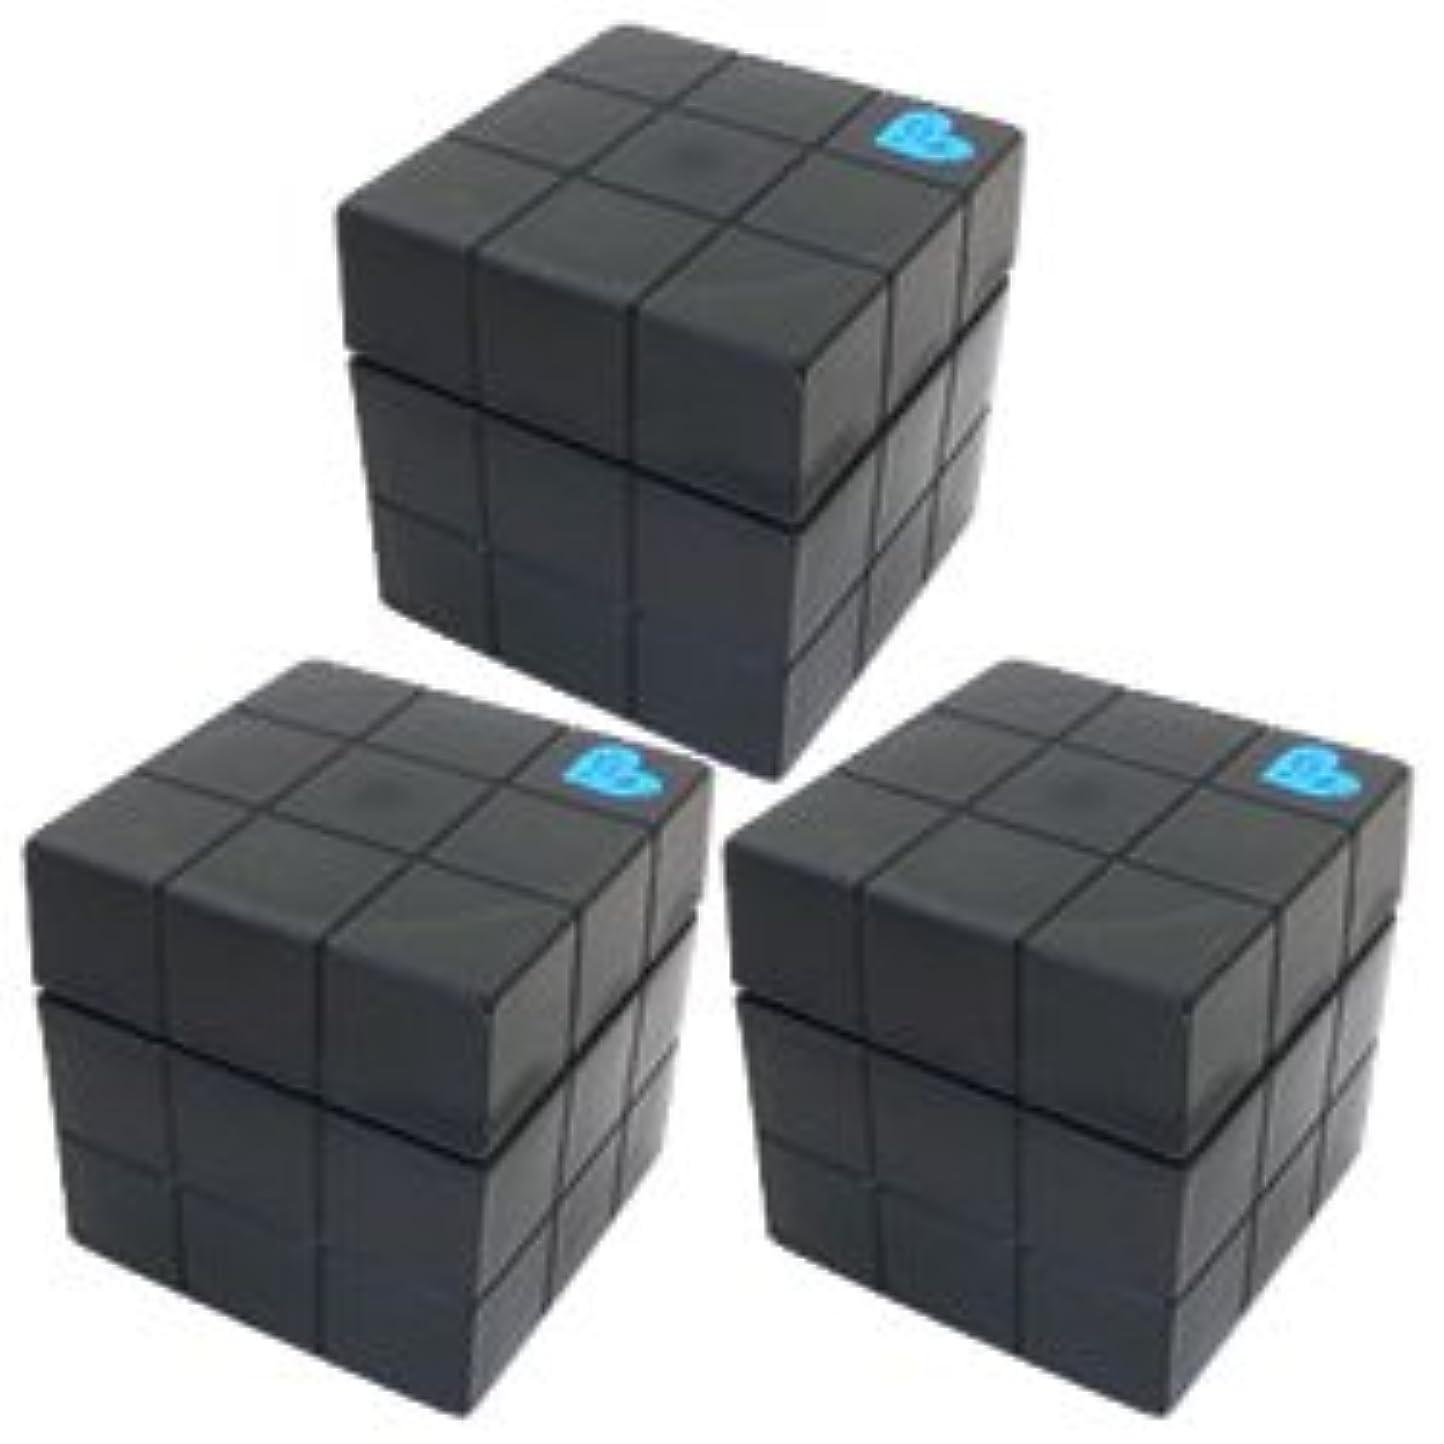 剛性当社確立しますアリミノ ピース フリーズキープワックス80g(ブラック)3個セット